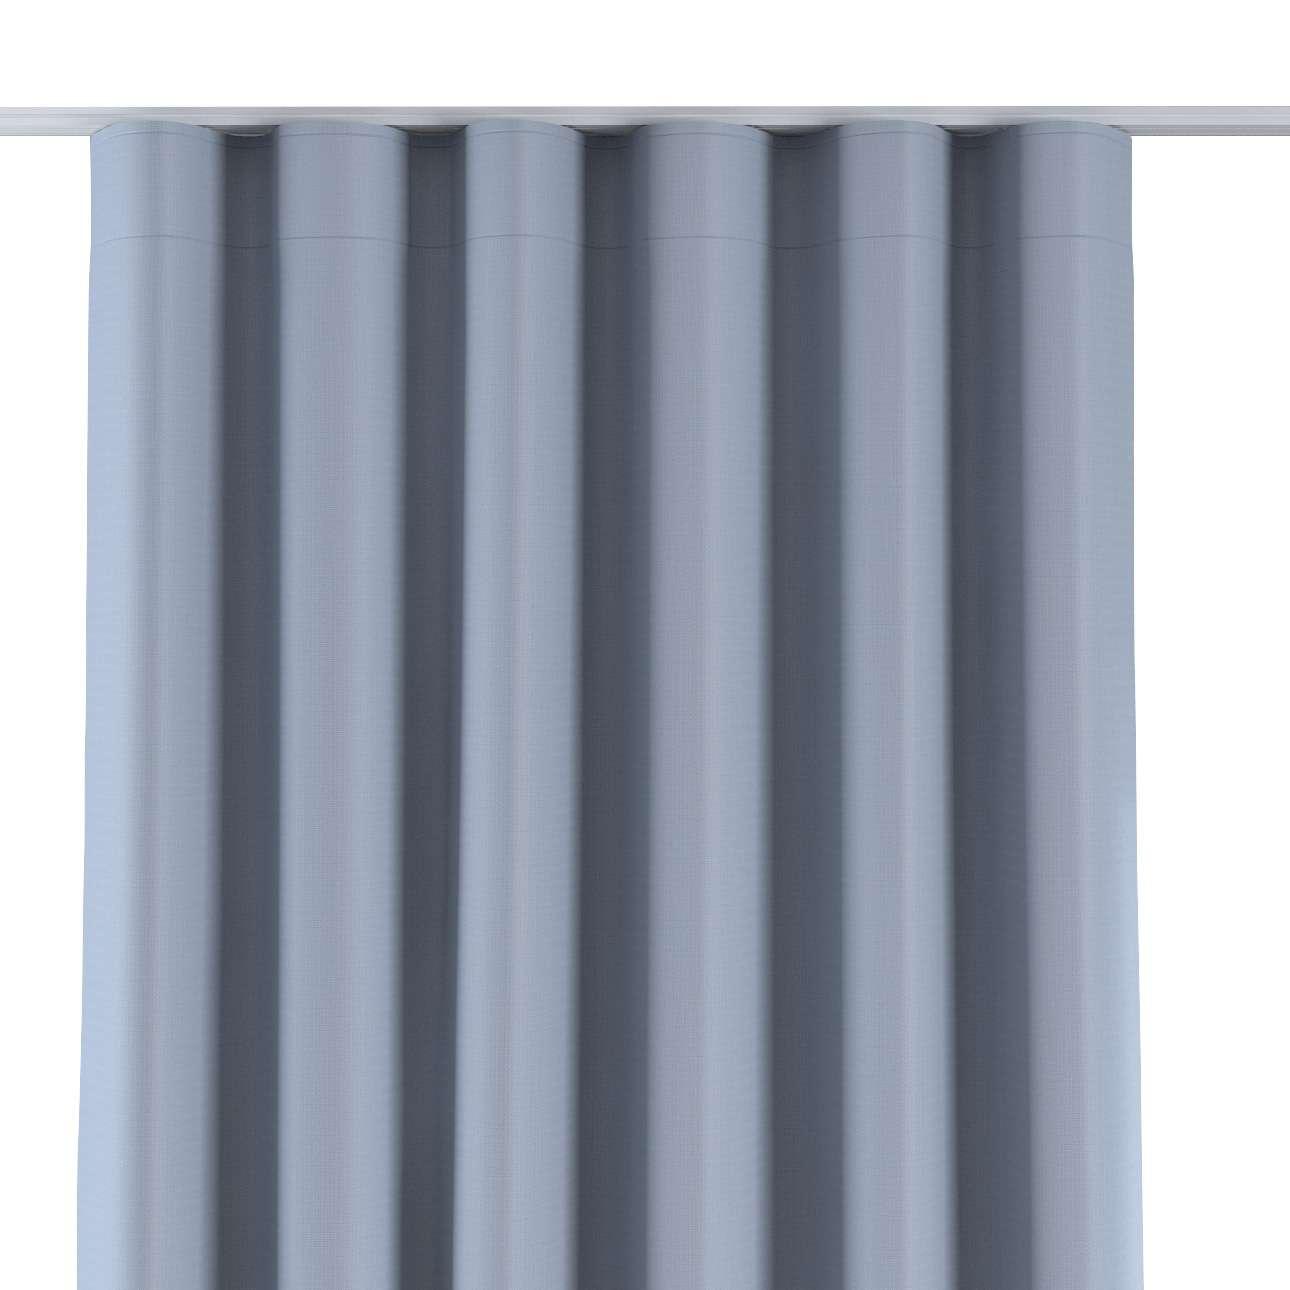 Wellenvorhang von der Kollektion Blackout (verdunkelnd), Stoff: 269-62